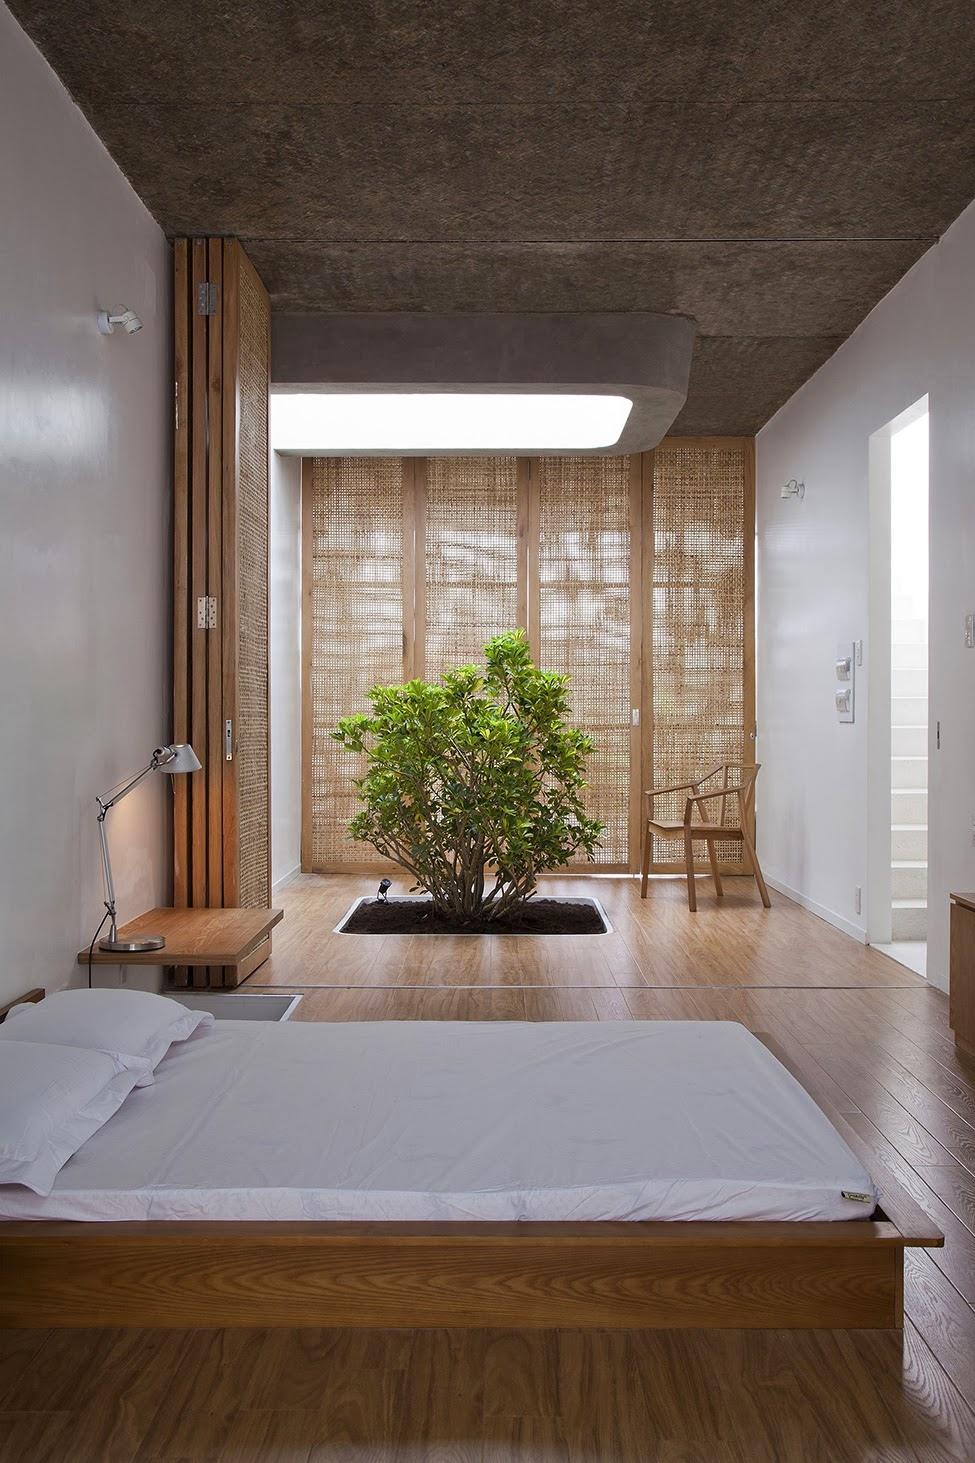 Illuminated zen bedroom